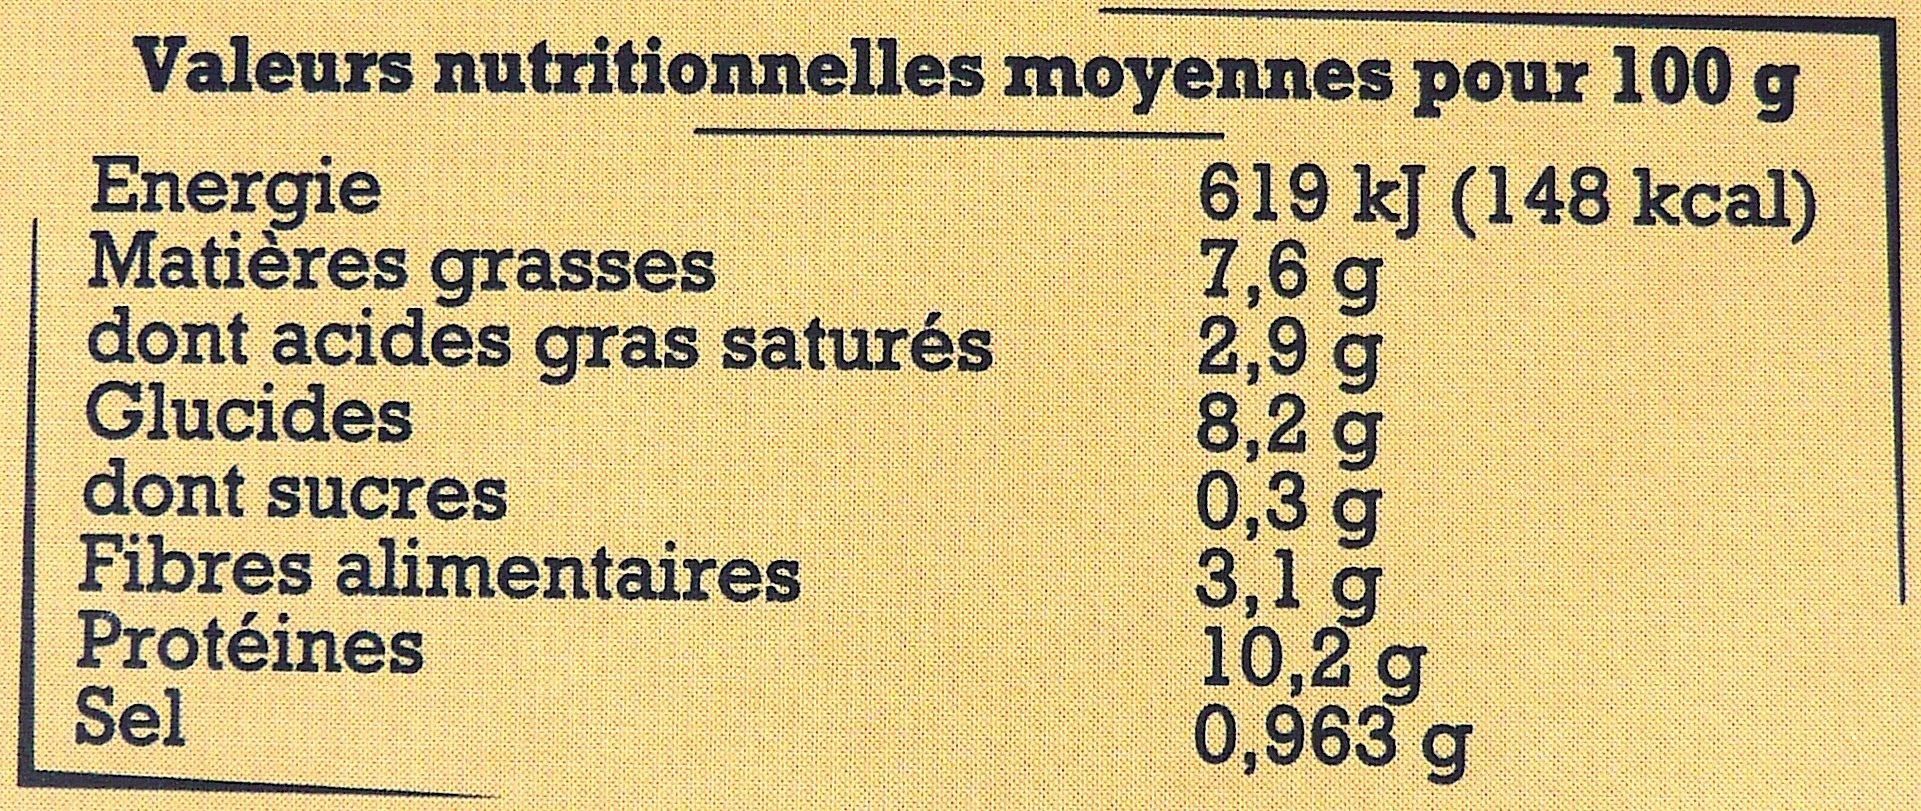 Saucisses de Toulouse aux lentilles vertes du Berry - Informations nutritionnelles - fr